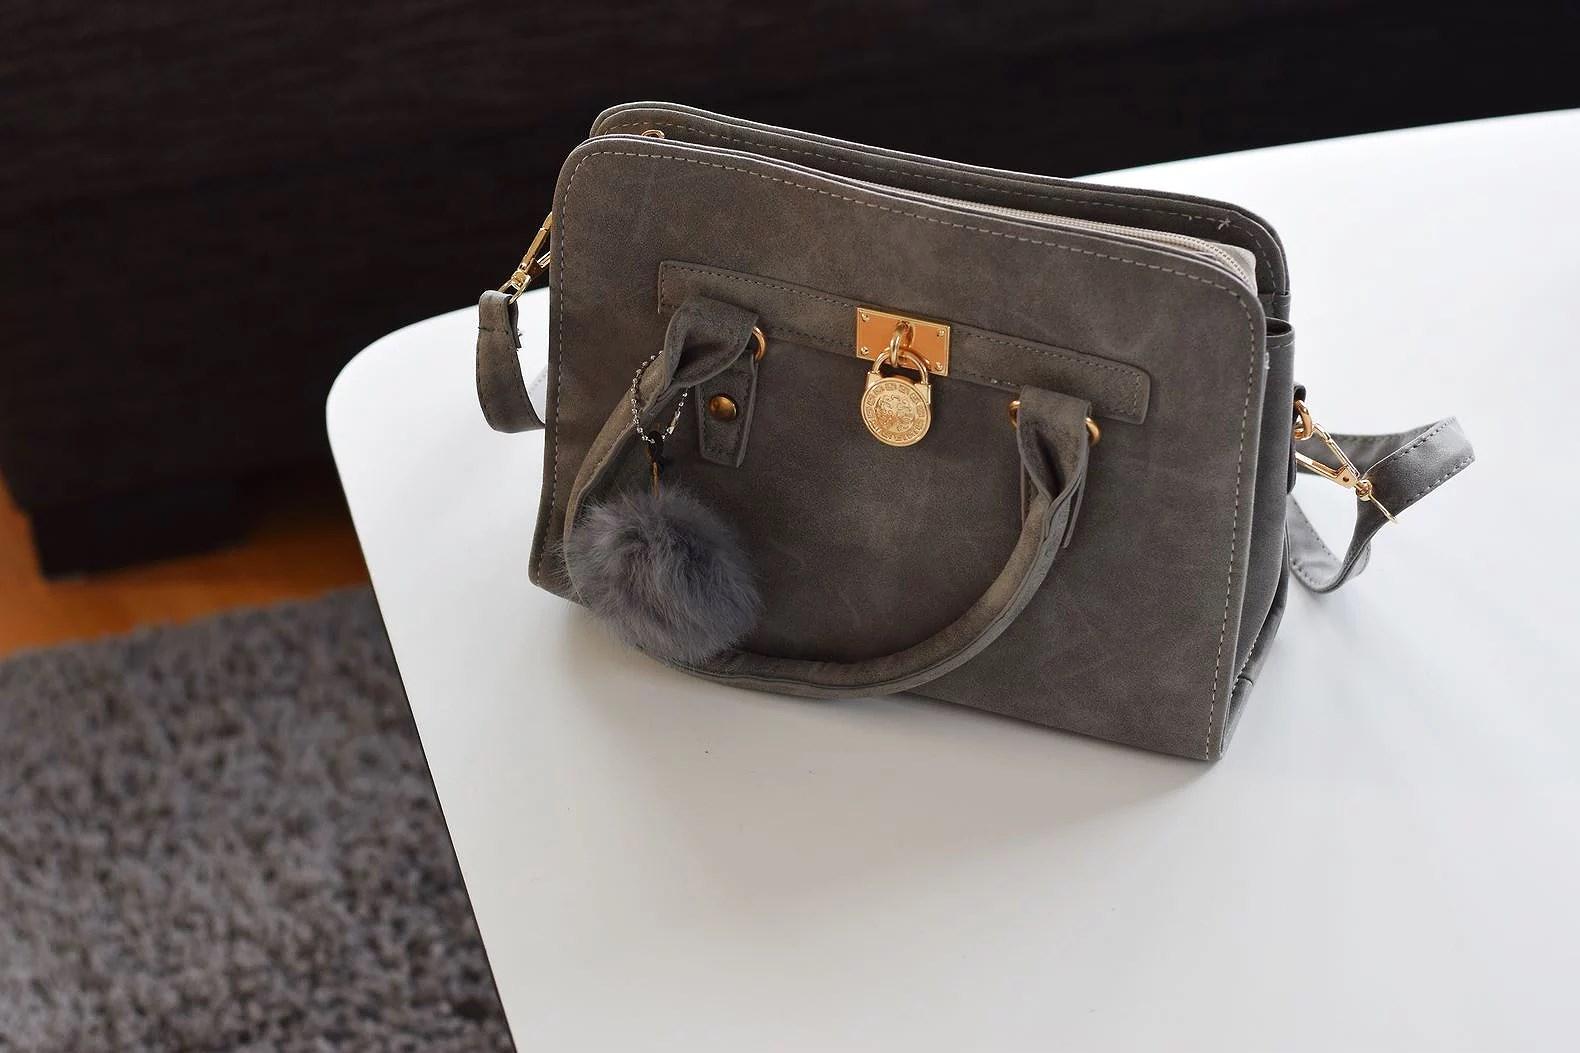 NEW IN: Bag